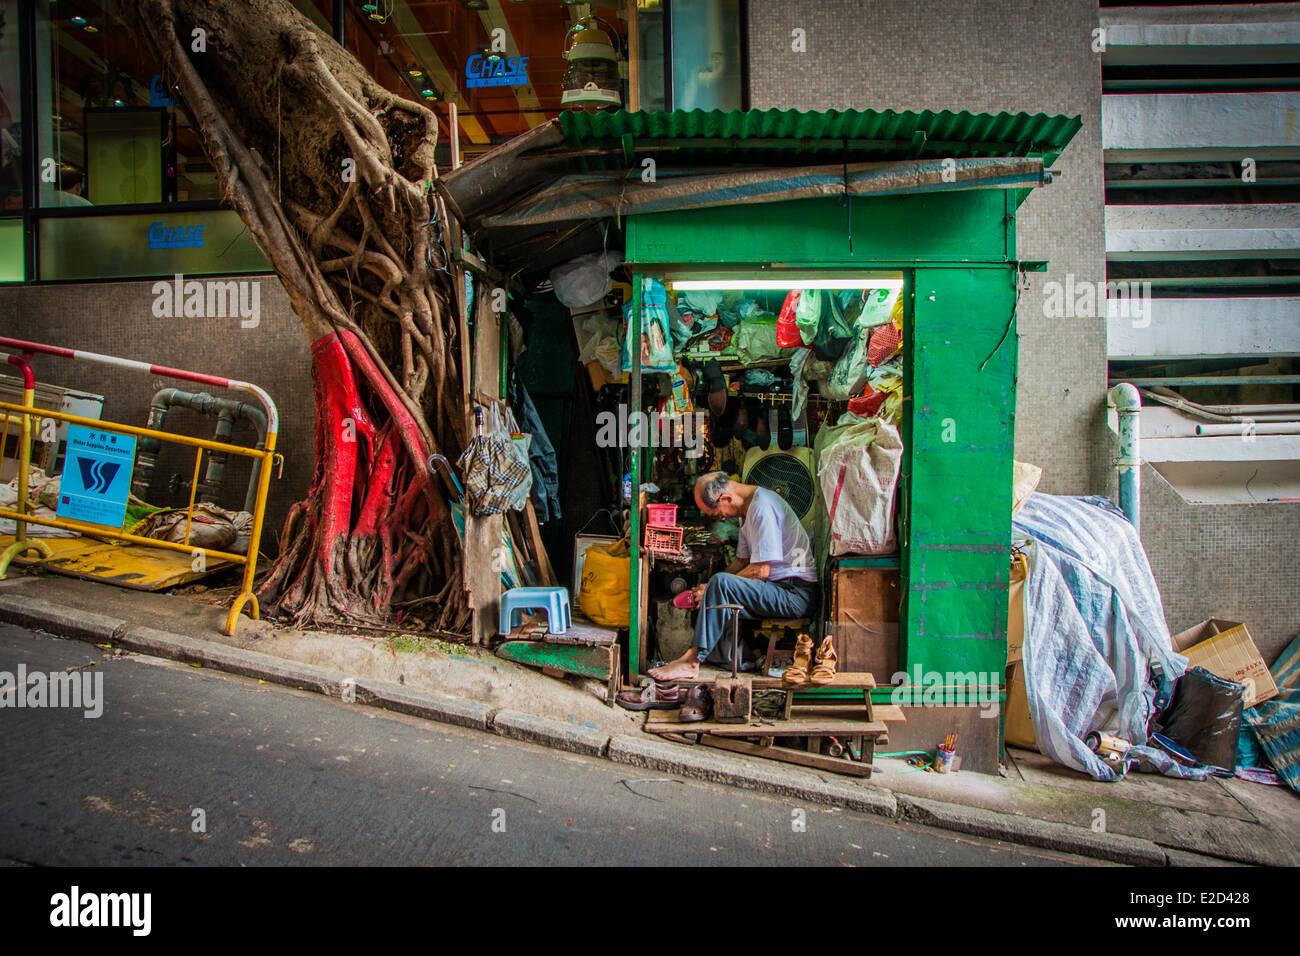 Shoemaker's shop on Hong Kong Island - Stock Image